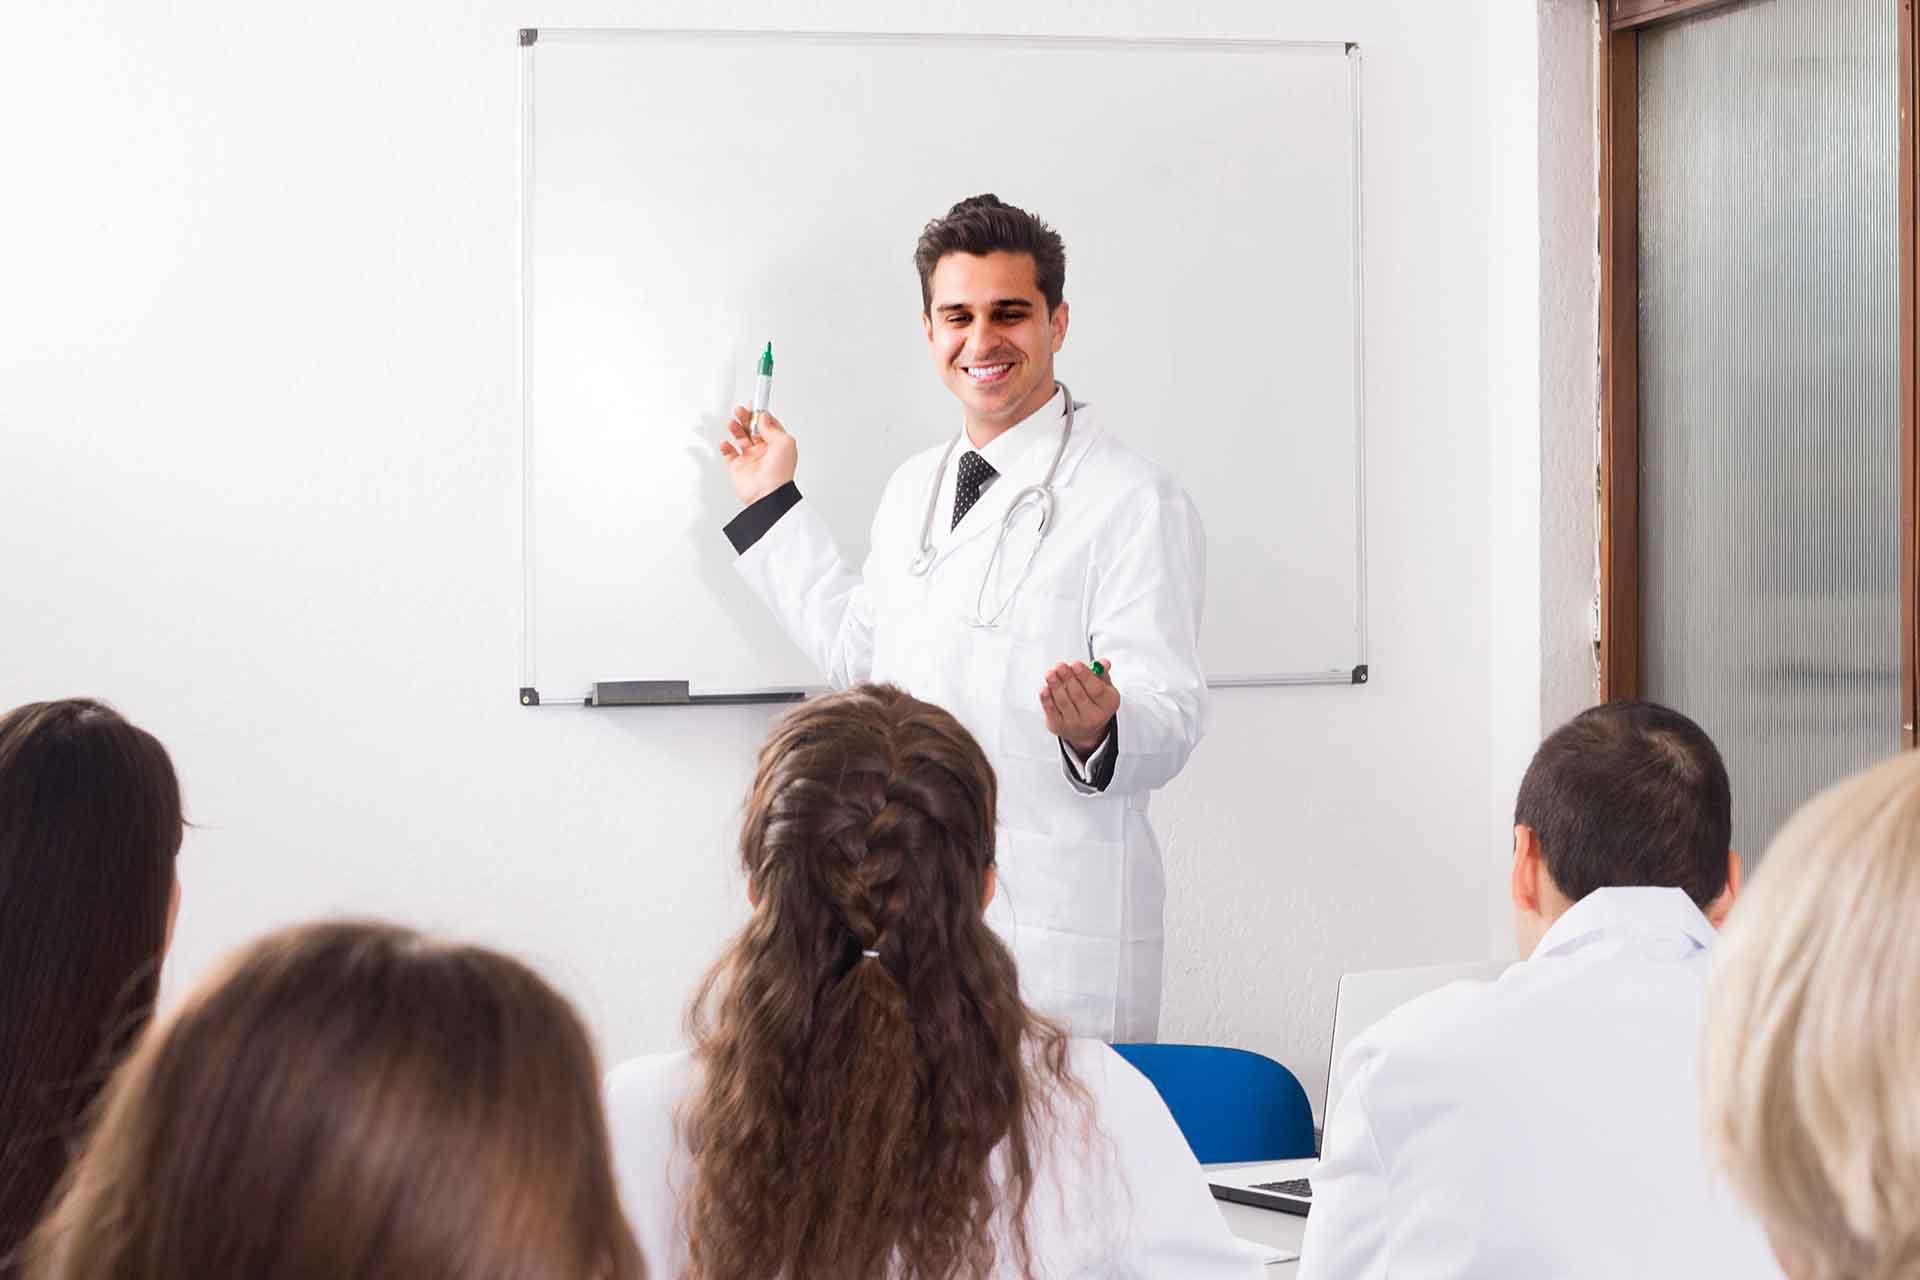 Diplomado en pedagogía universitaria en ciencias de la salud